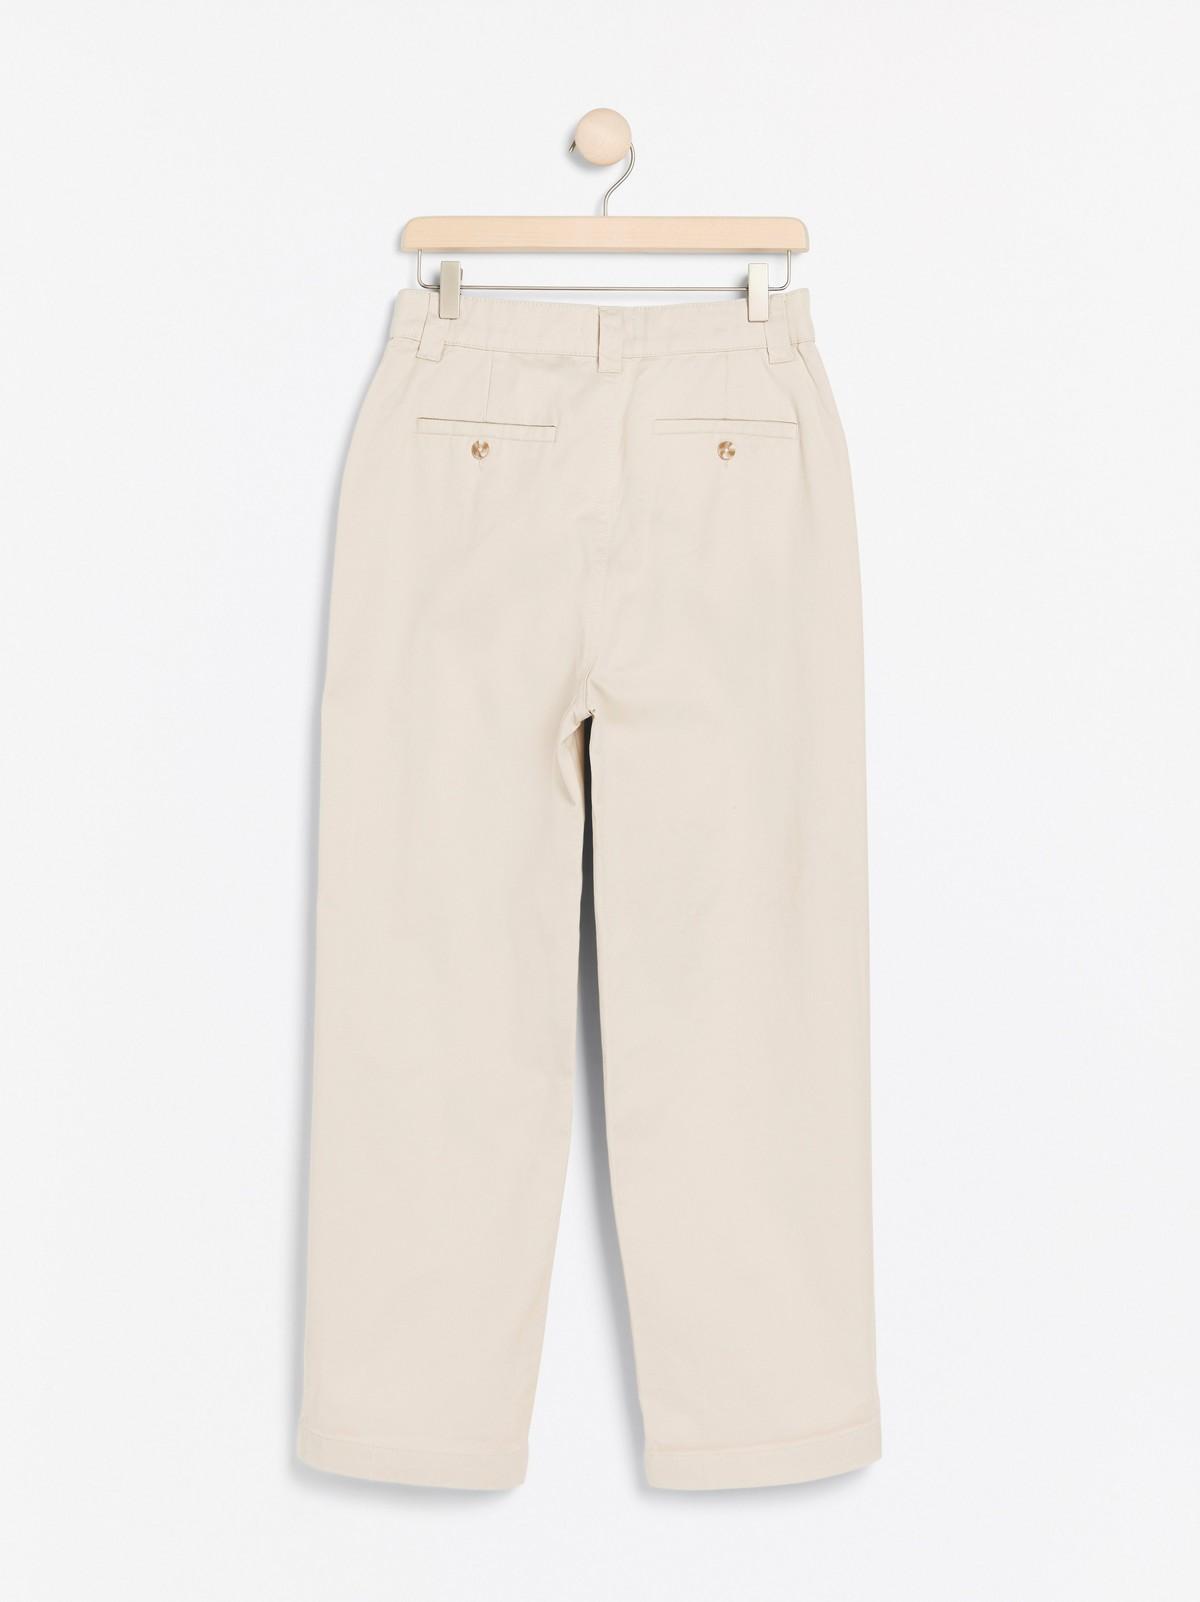 Bukse med høyt liv og vide ben